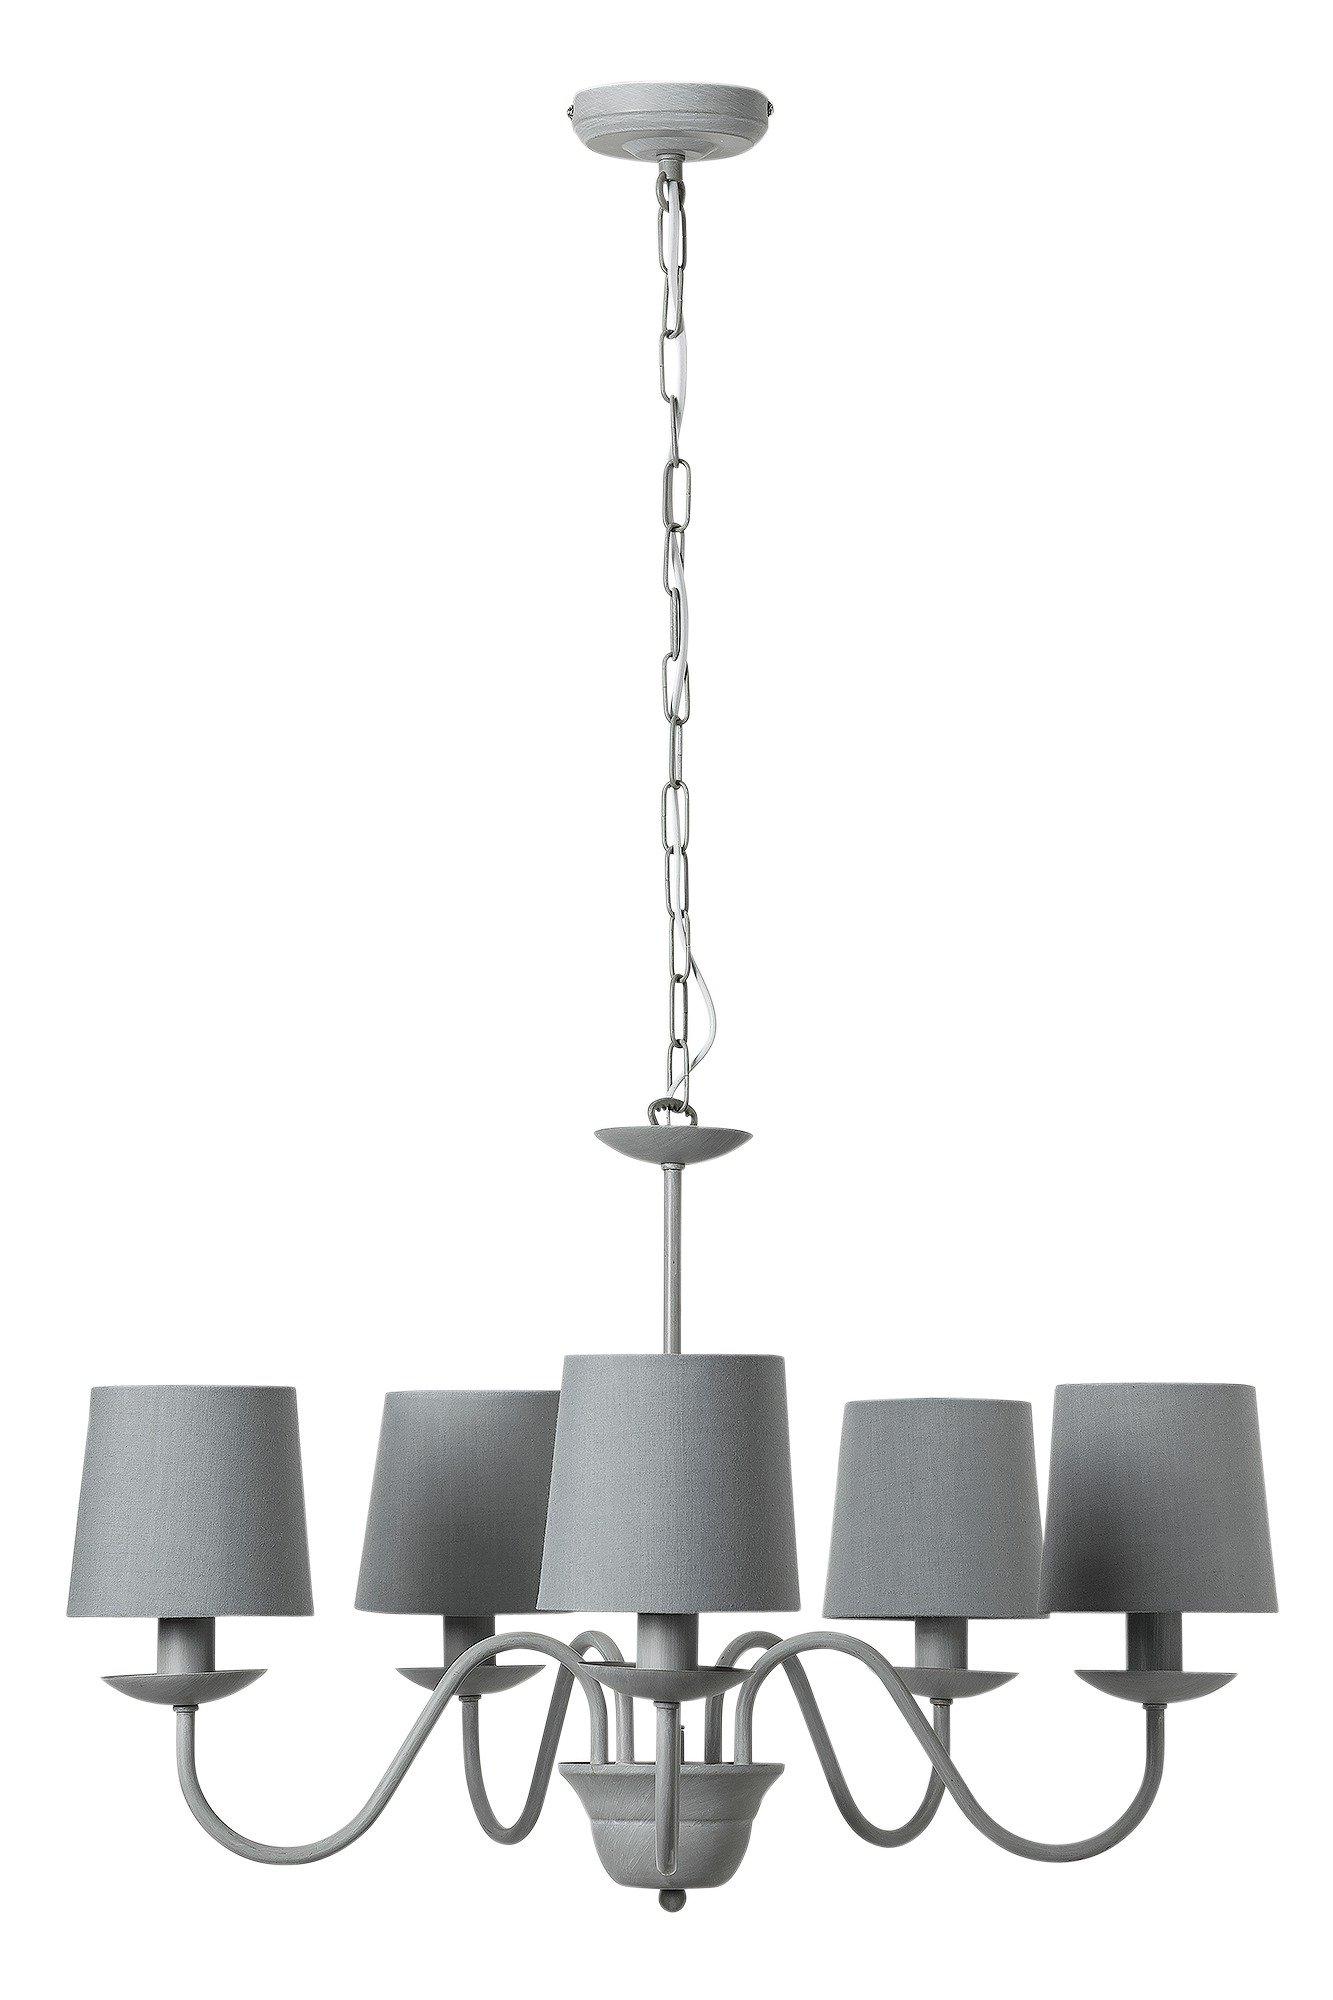 Heart of House - Aster 5 Light Chandelier - Ceiling Light - Grey